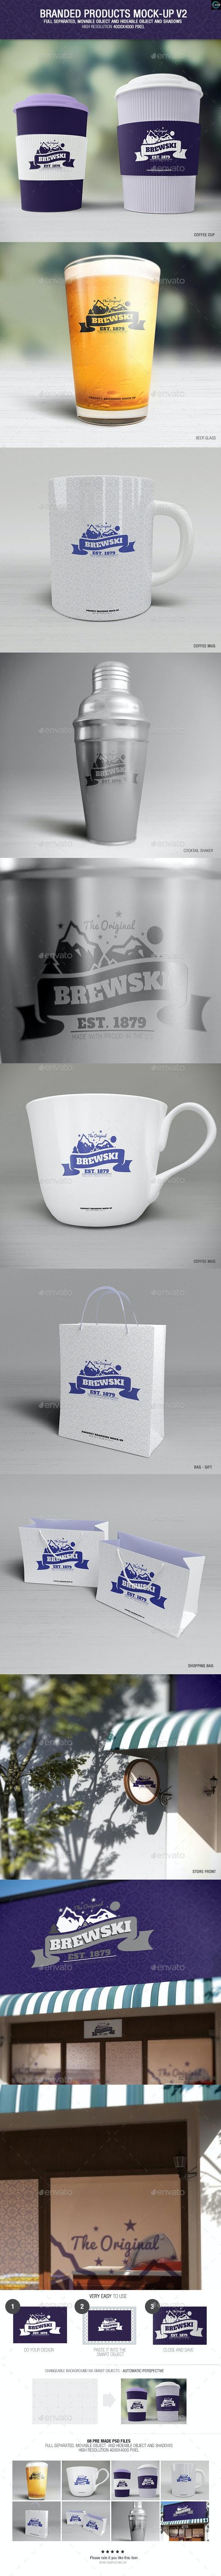 Branded Products Mock-up V2 - Logo Product Mock-Ups